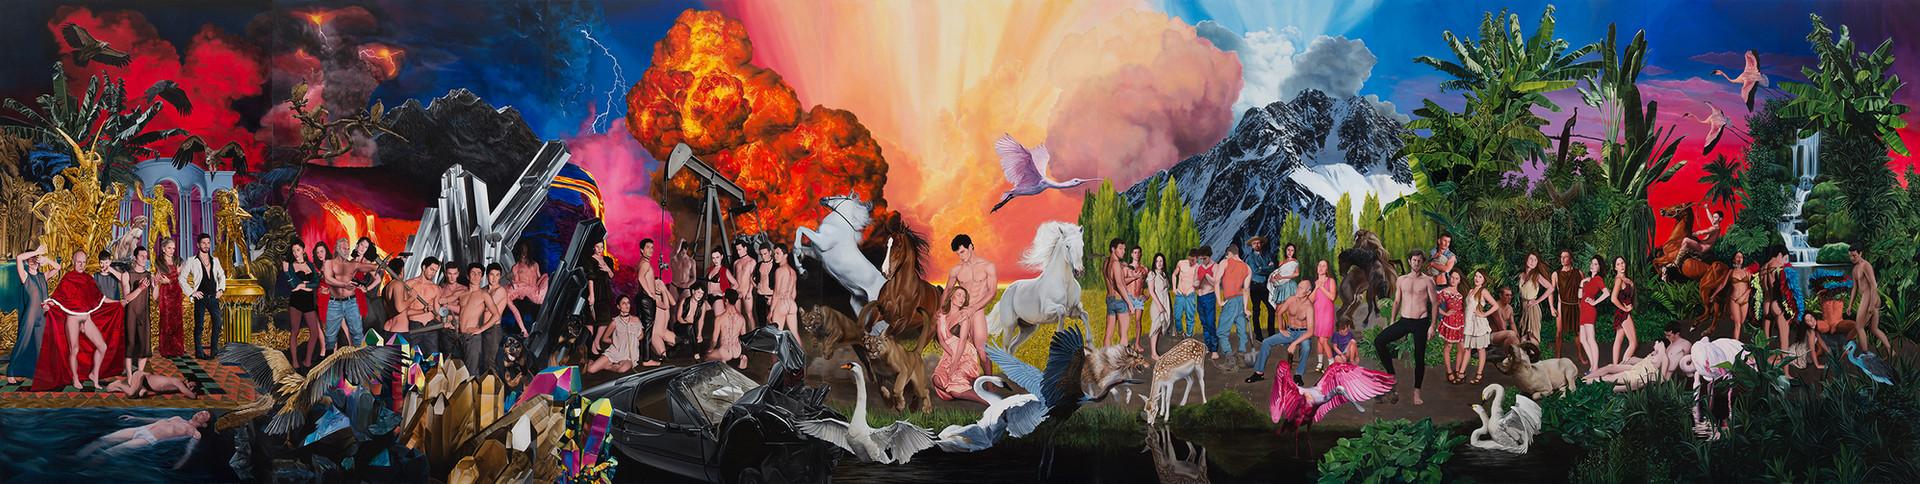 Historia violenta y luminosa · Óleo sobre tela · 300 x 1190 cm · 2016